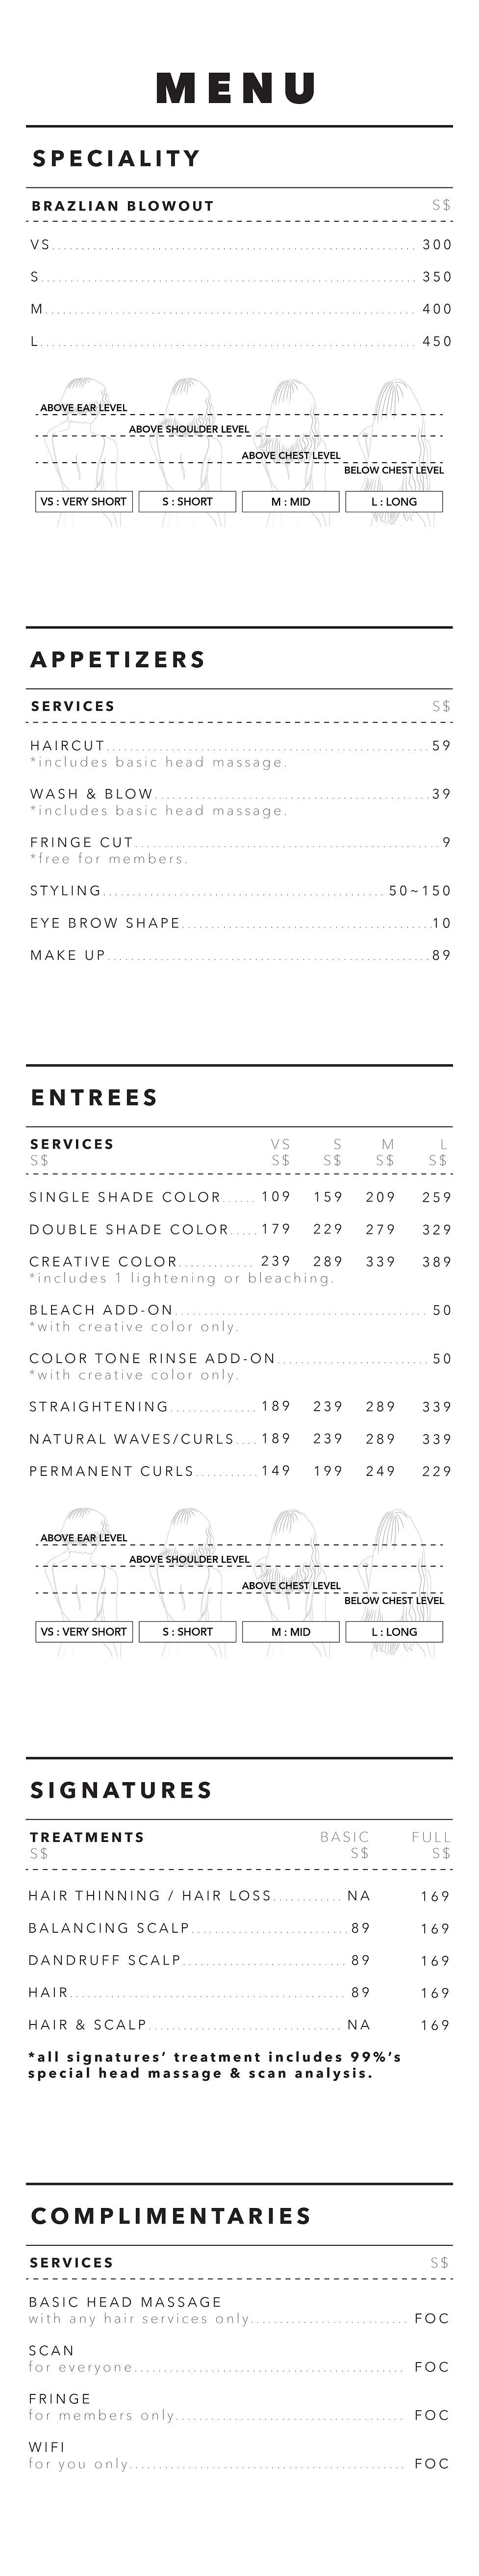 website menu-01.jpg